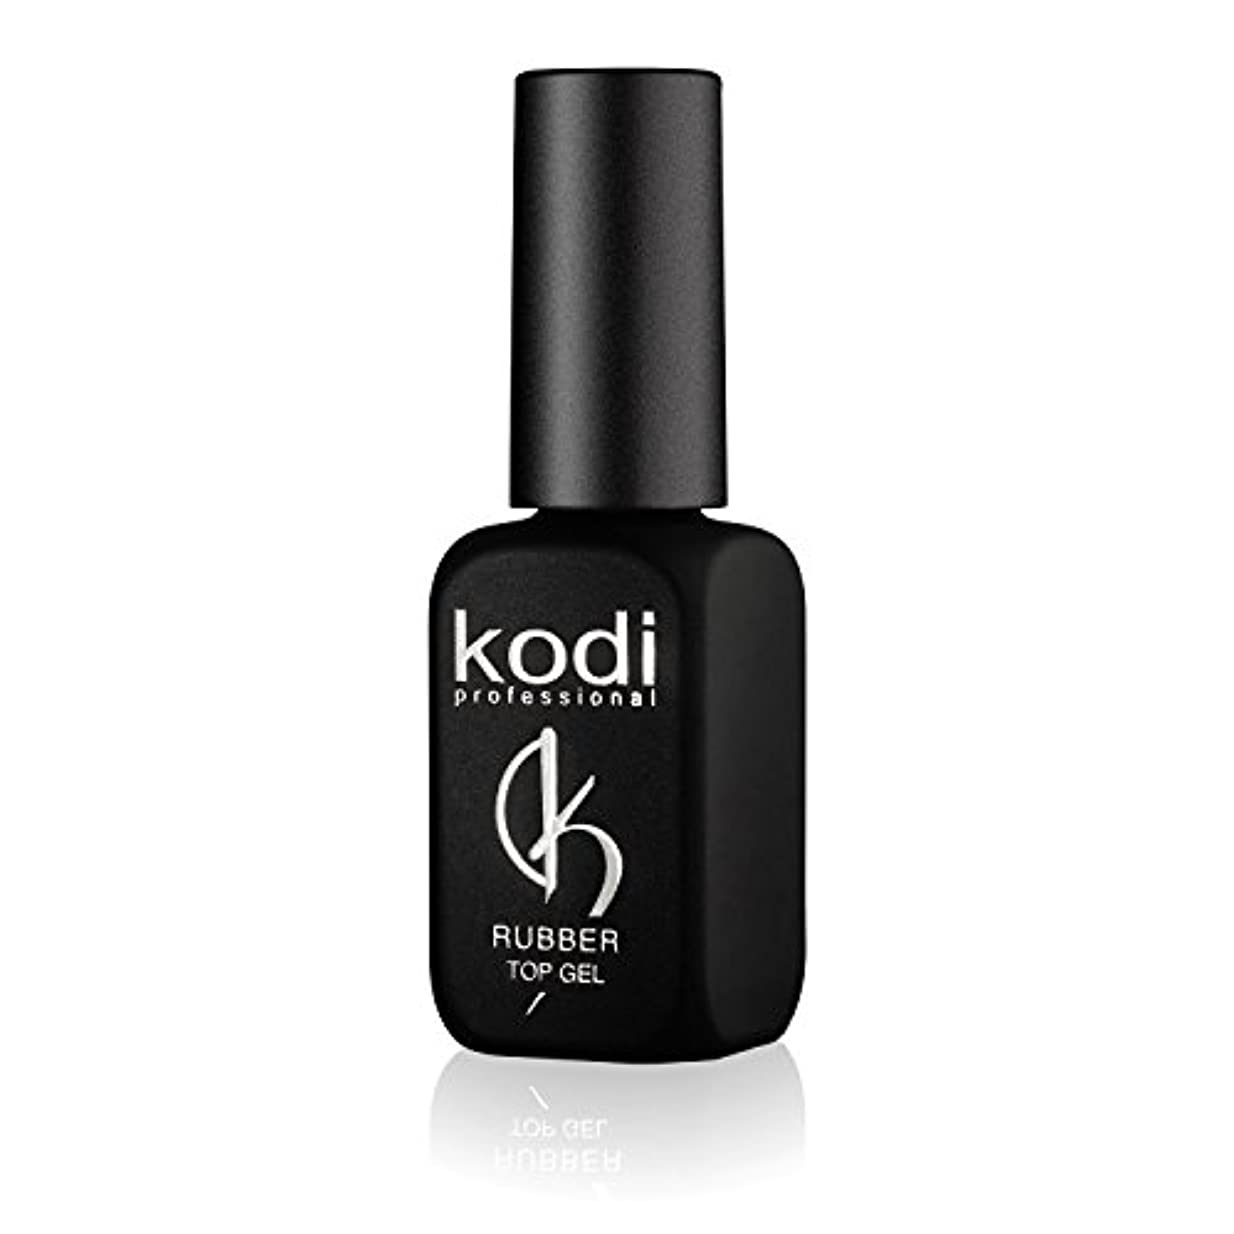 記憶に残るオフセットマークされたProfessional Rubber Top Gel By Kodi   12ml 0.42 oz   Soak Off, Polish Fingernails Coat Gel   For Long Lasting...